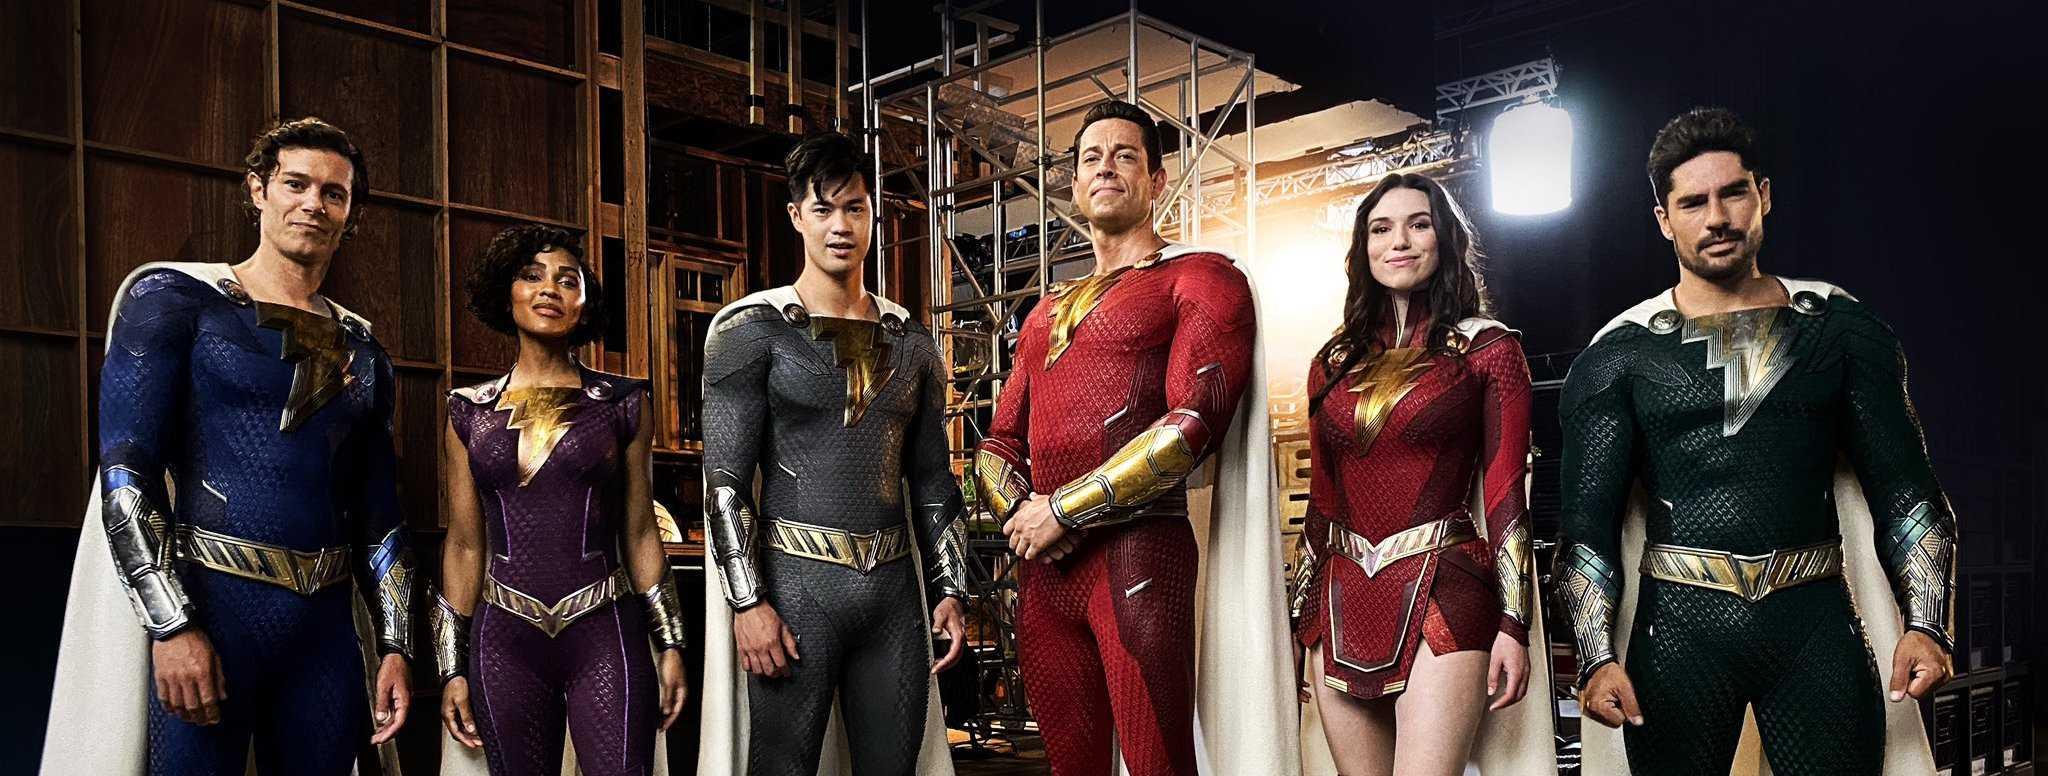 Shazam 2: ¡Los superhéroes se revelan con sus nuevos disfraces!  (Foto)